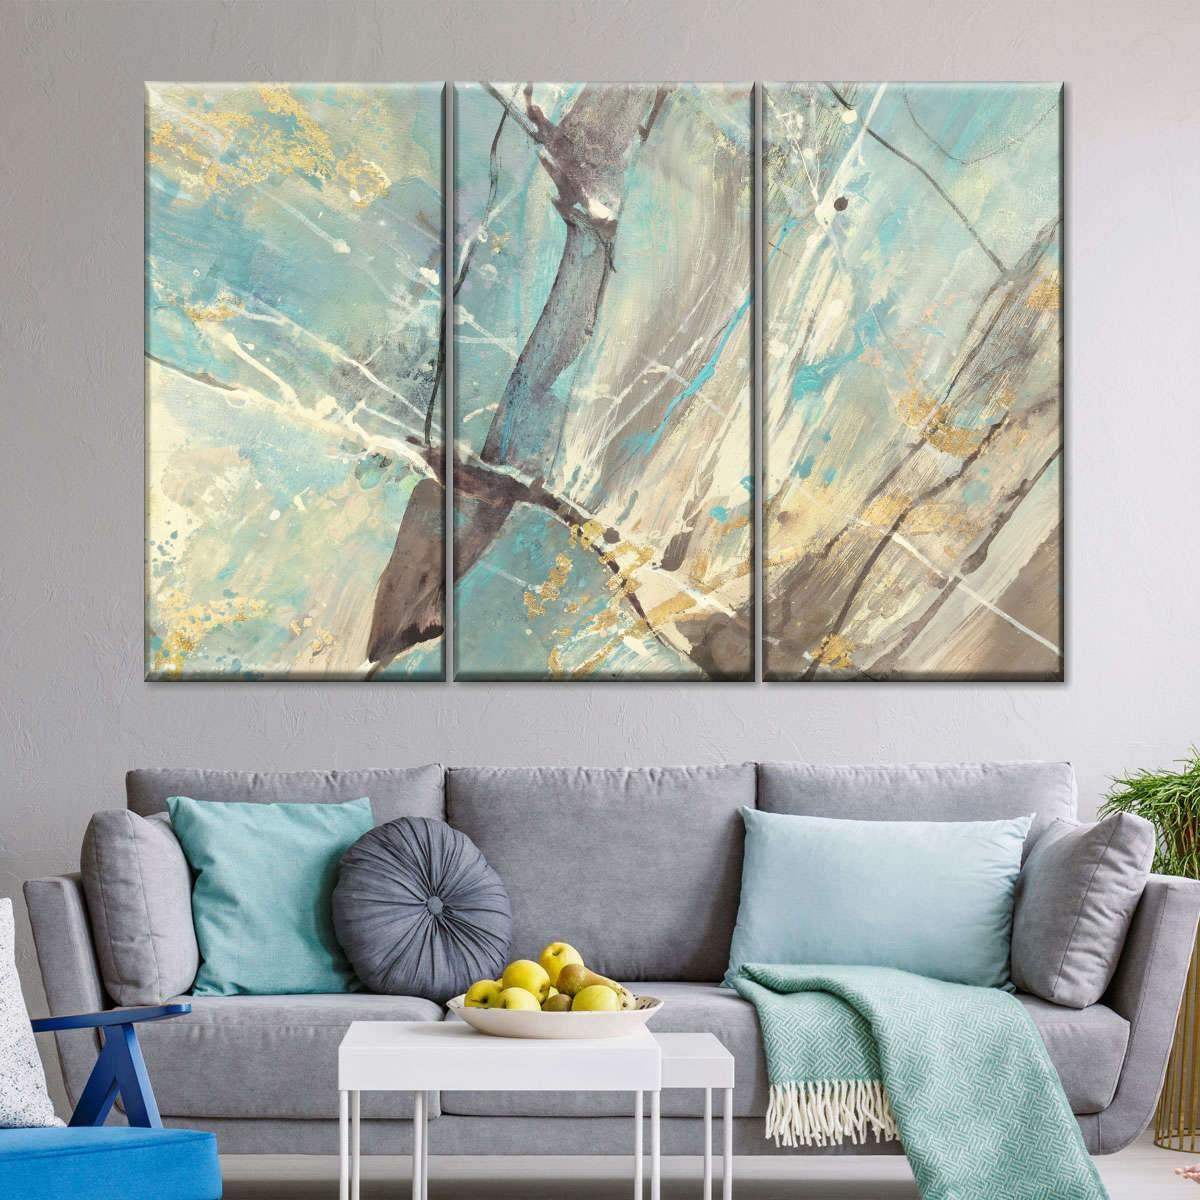 Blue Water II Multi Panel Canvas Wall Art